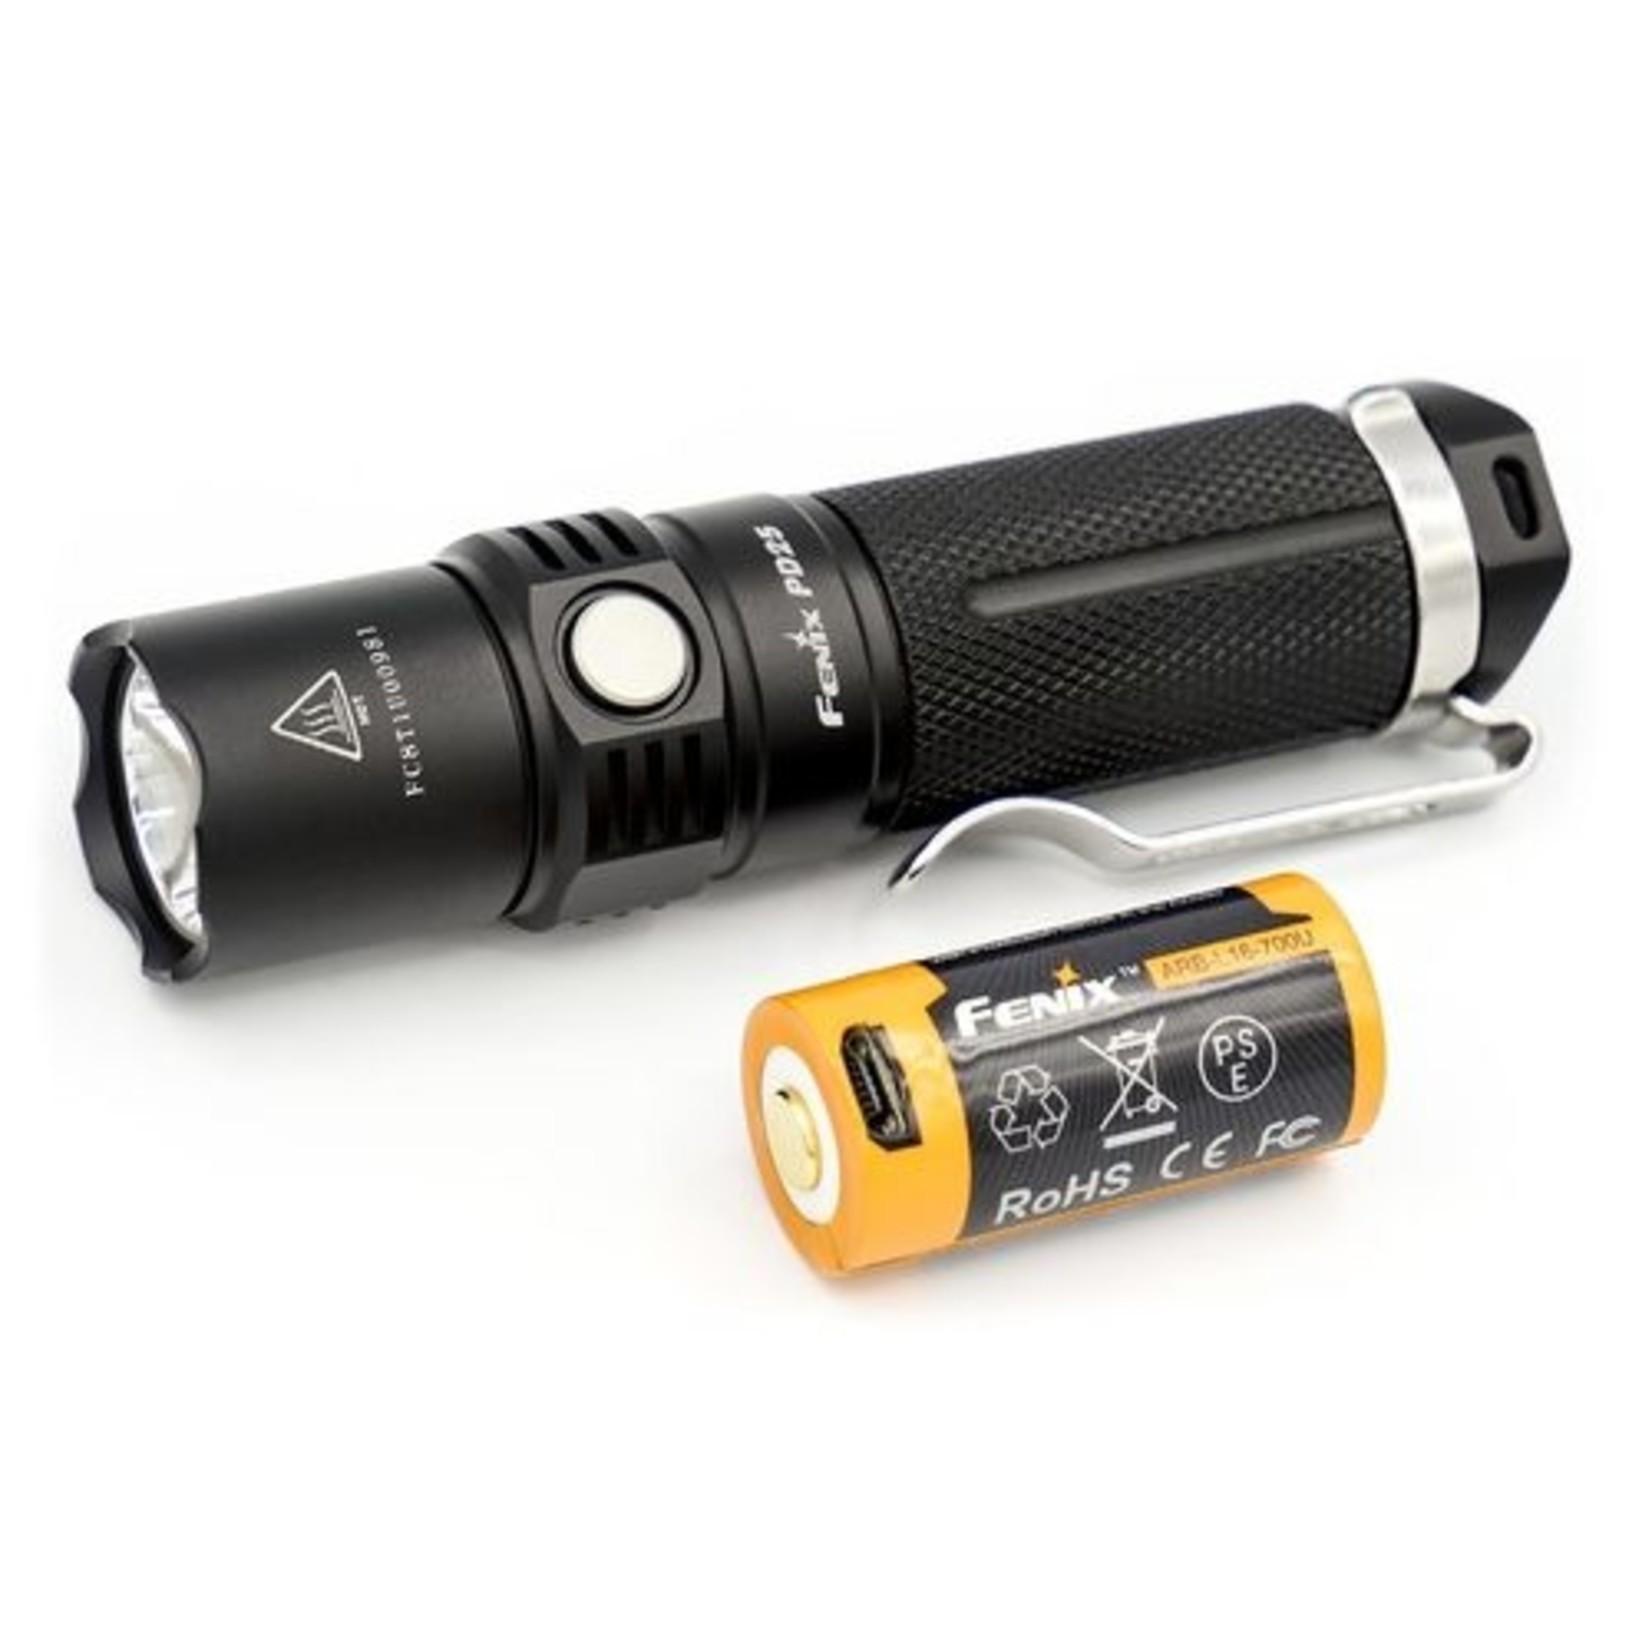 FENIX LIGHT PD25 FLASHLIGHT W/ 700U BATTERY